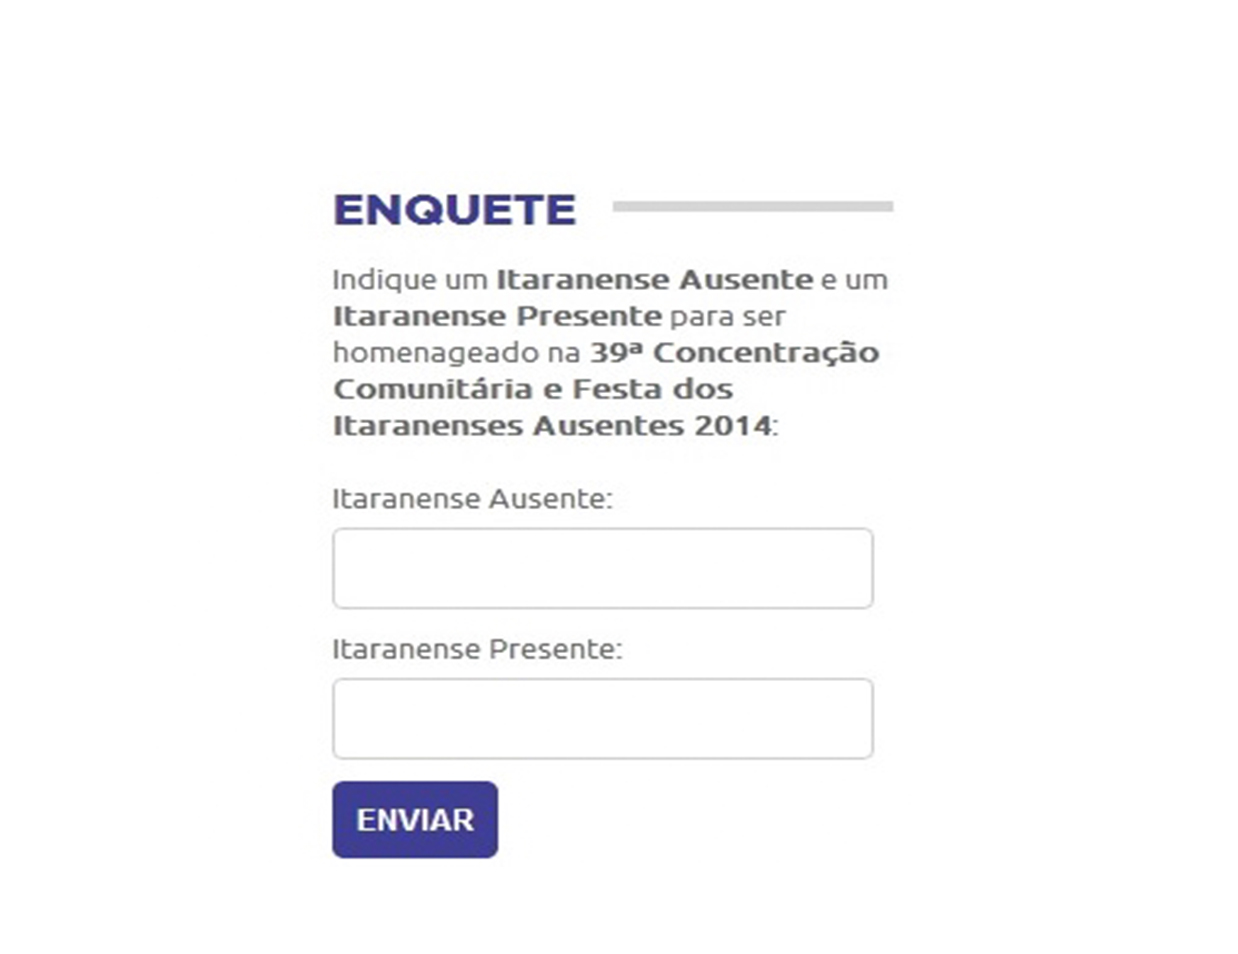 Participe da enquete e indique um itaranense para ser homenageado